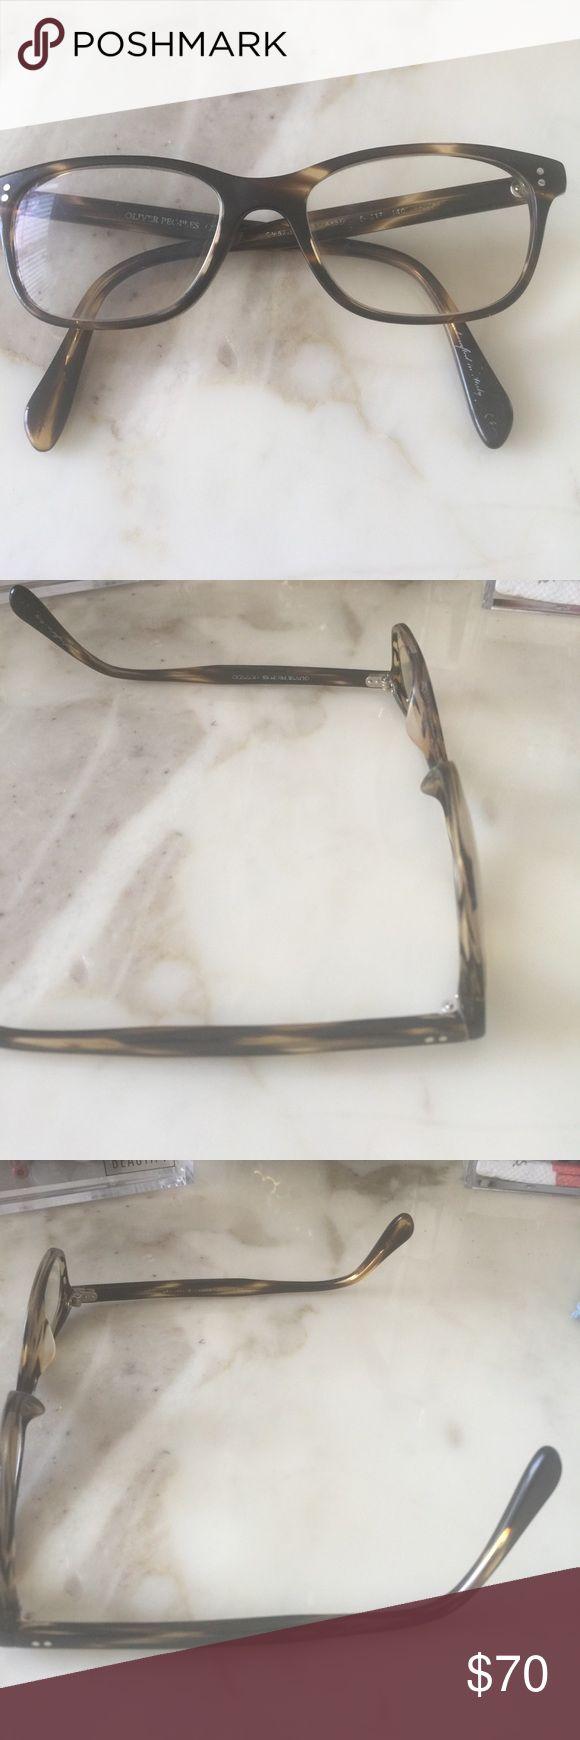 Oliver People's Eyeglass Frame Tortoise brown Oliver Peoples Other